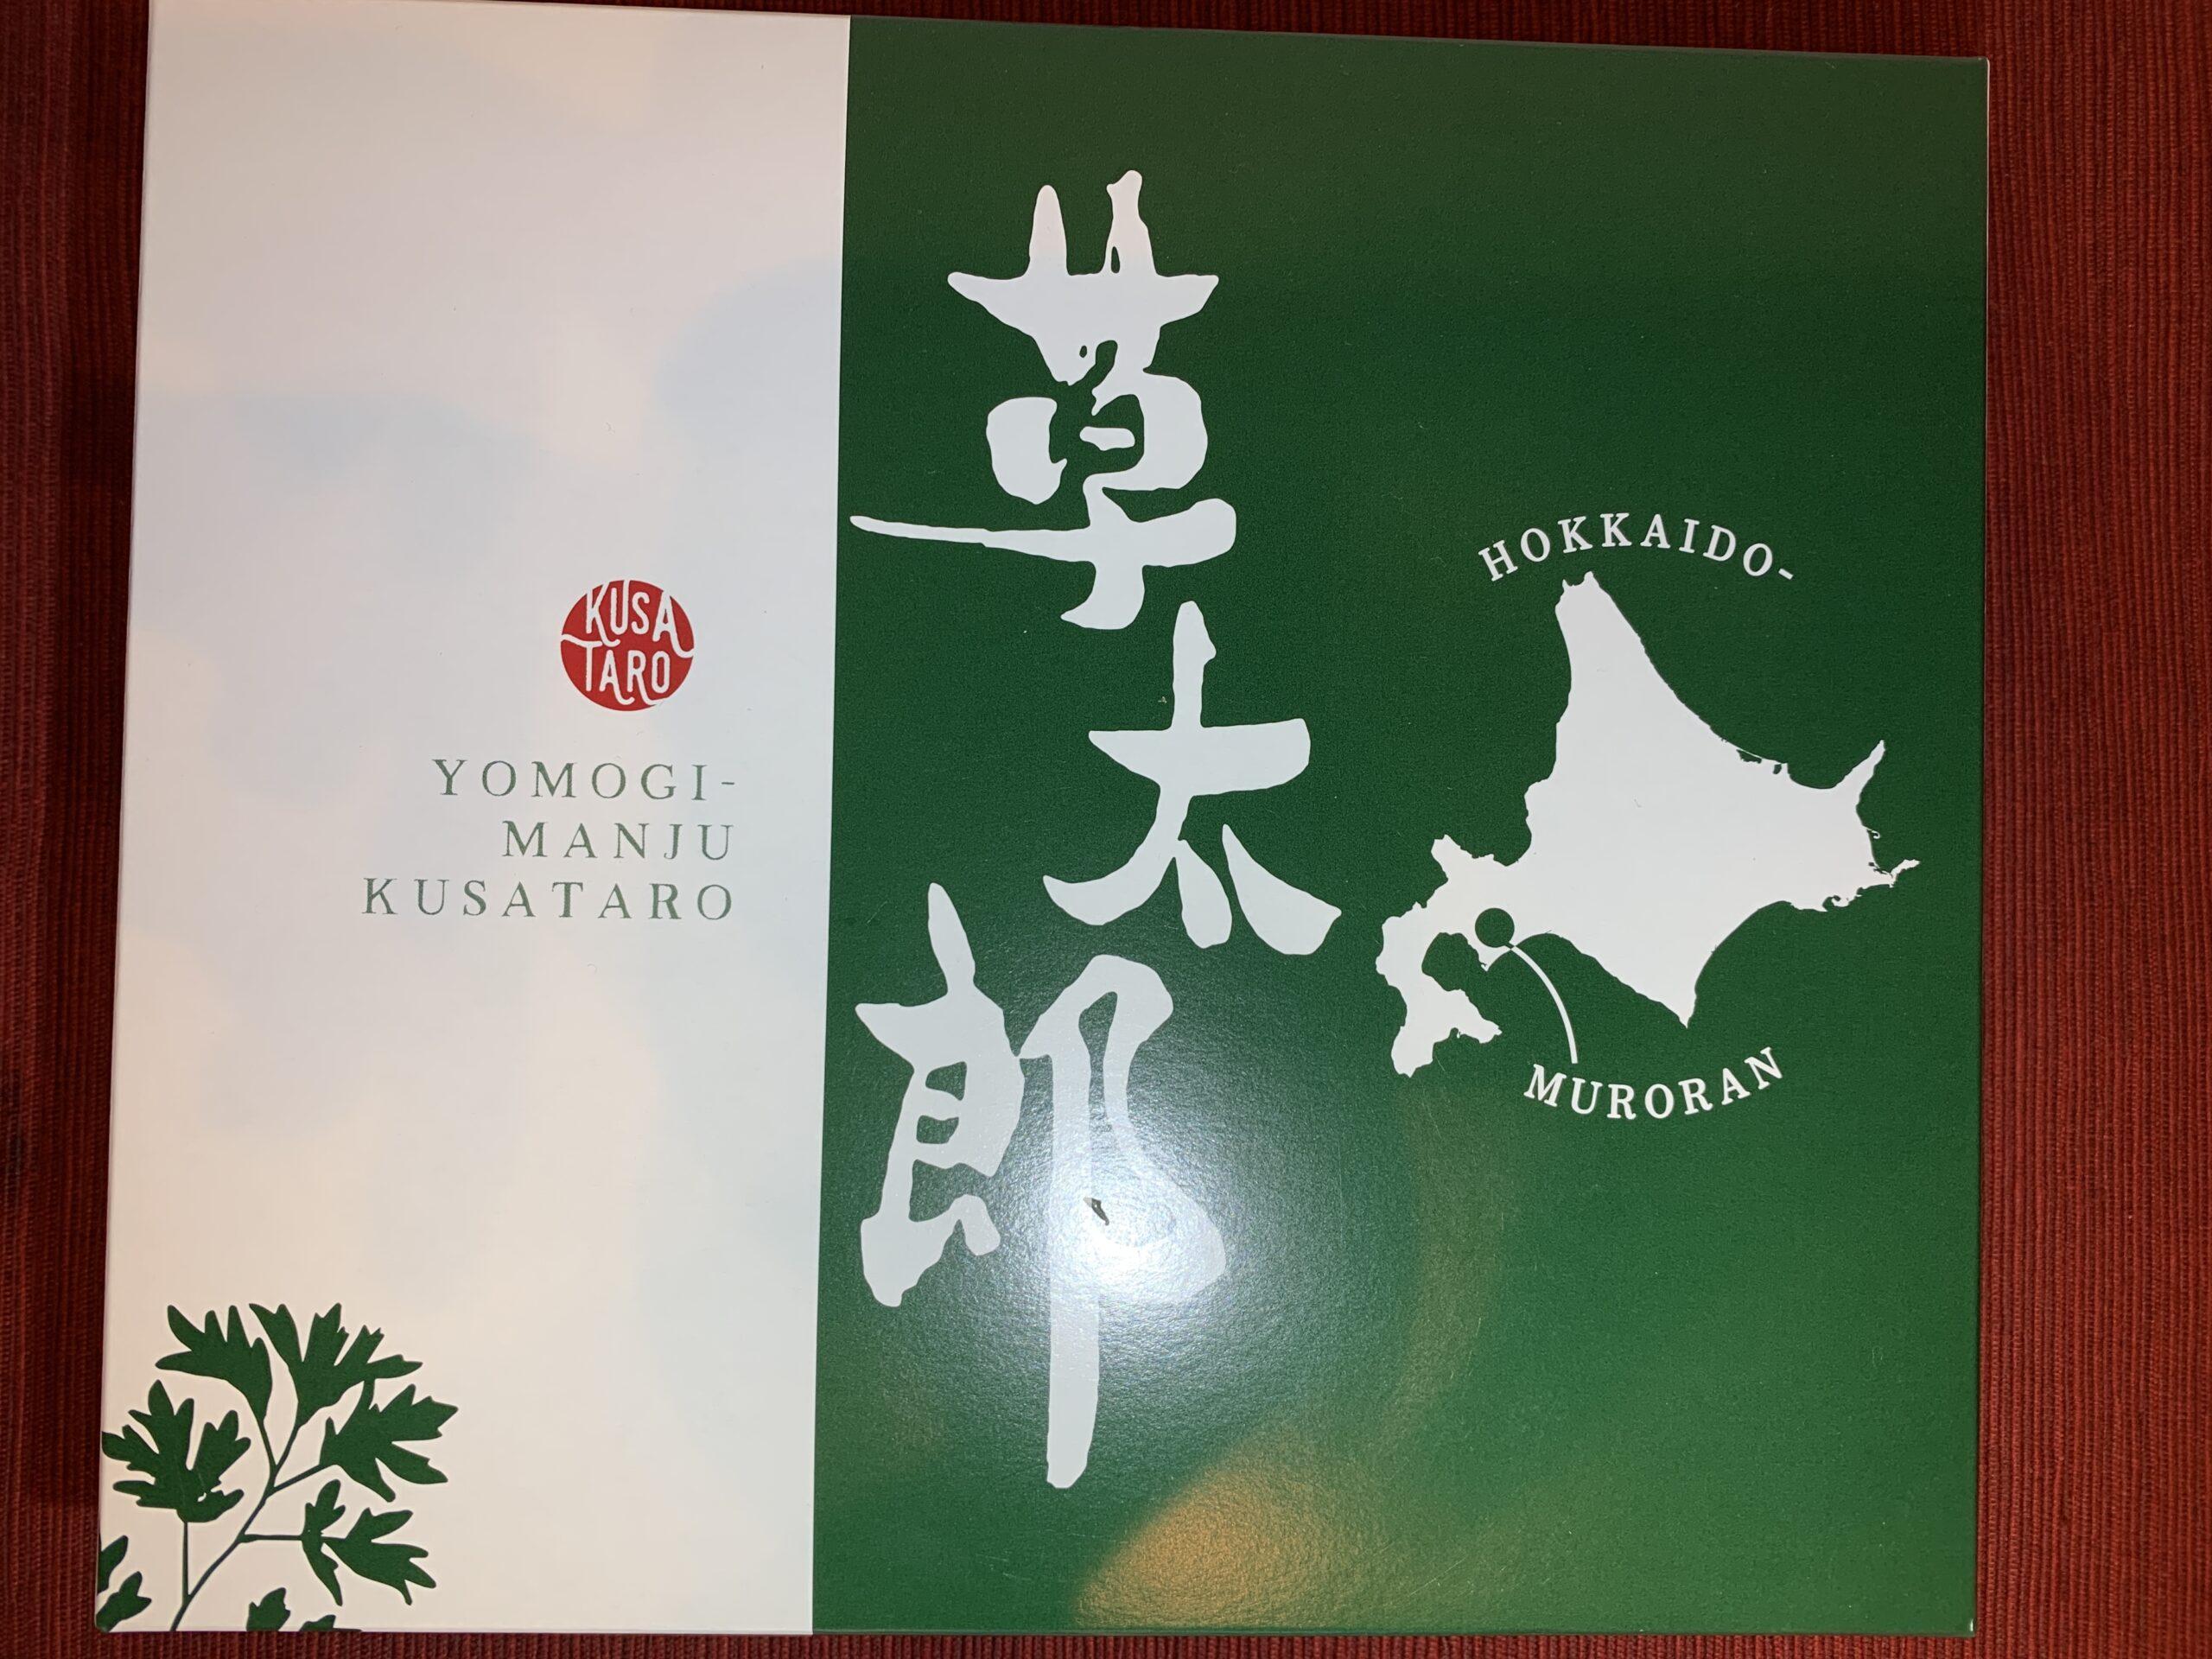 北海道土産「草太郎」よもぎまんじゅうの味や値段は?